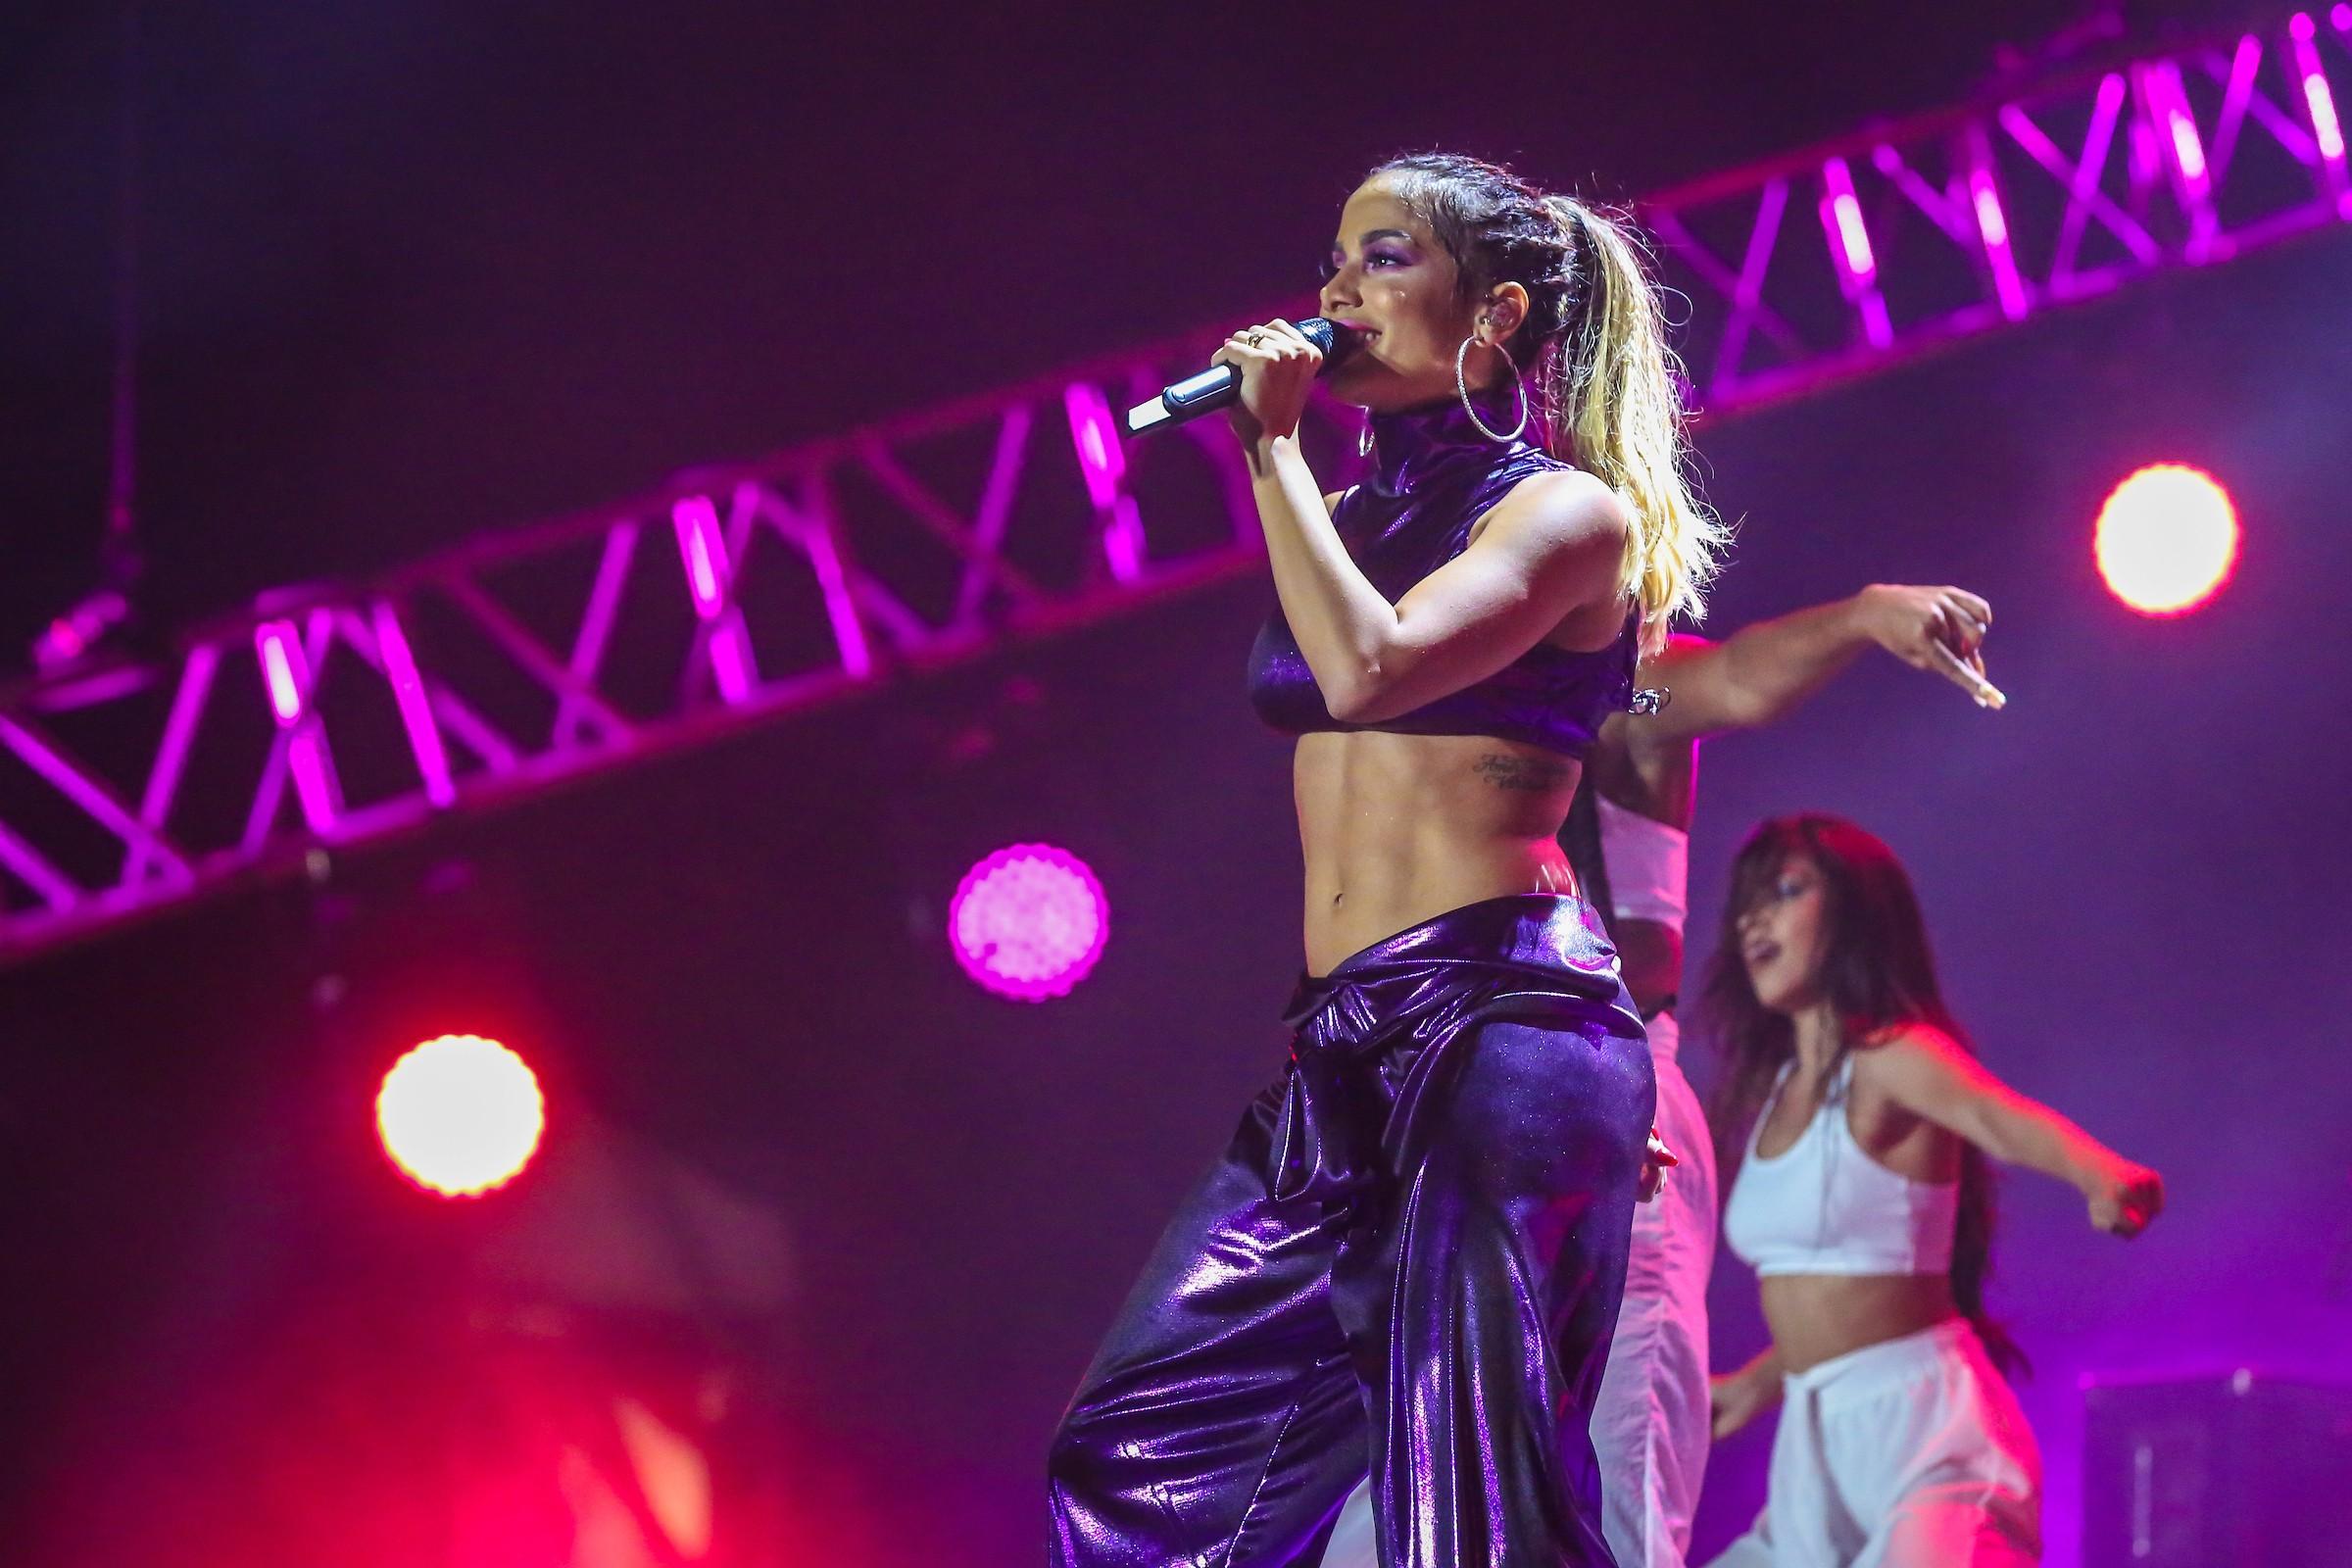 Maior Baile do Mundo, com Anitta e MCs, espera 35 mil pessoas em SP para 10 horas de shows